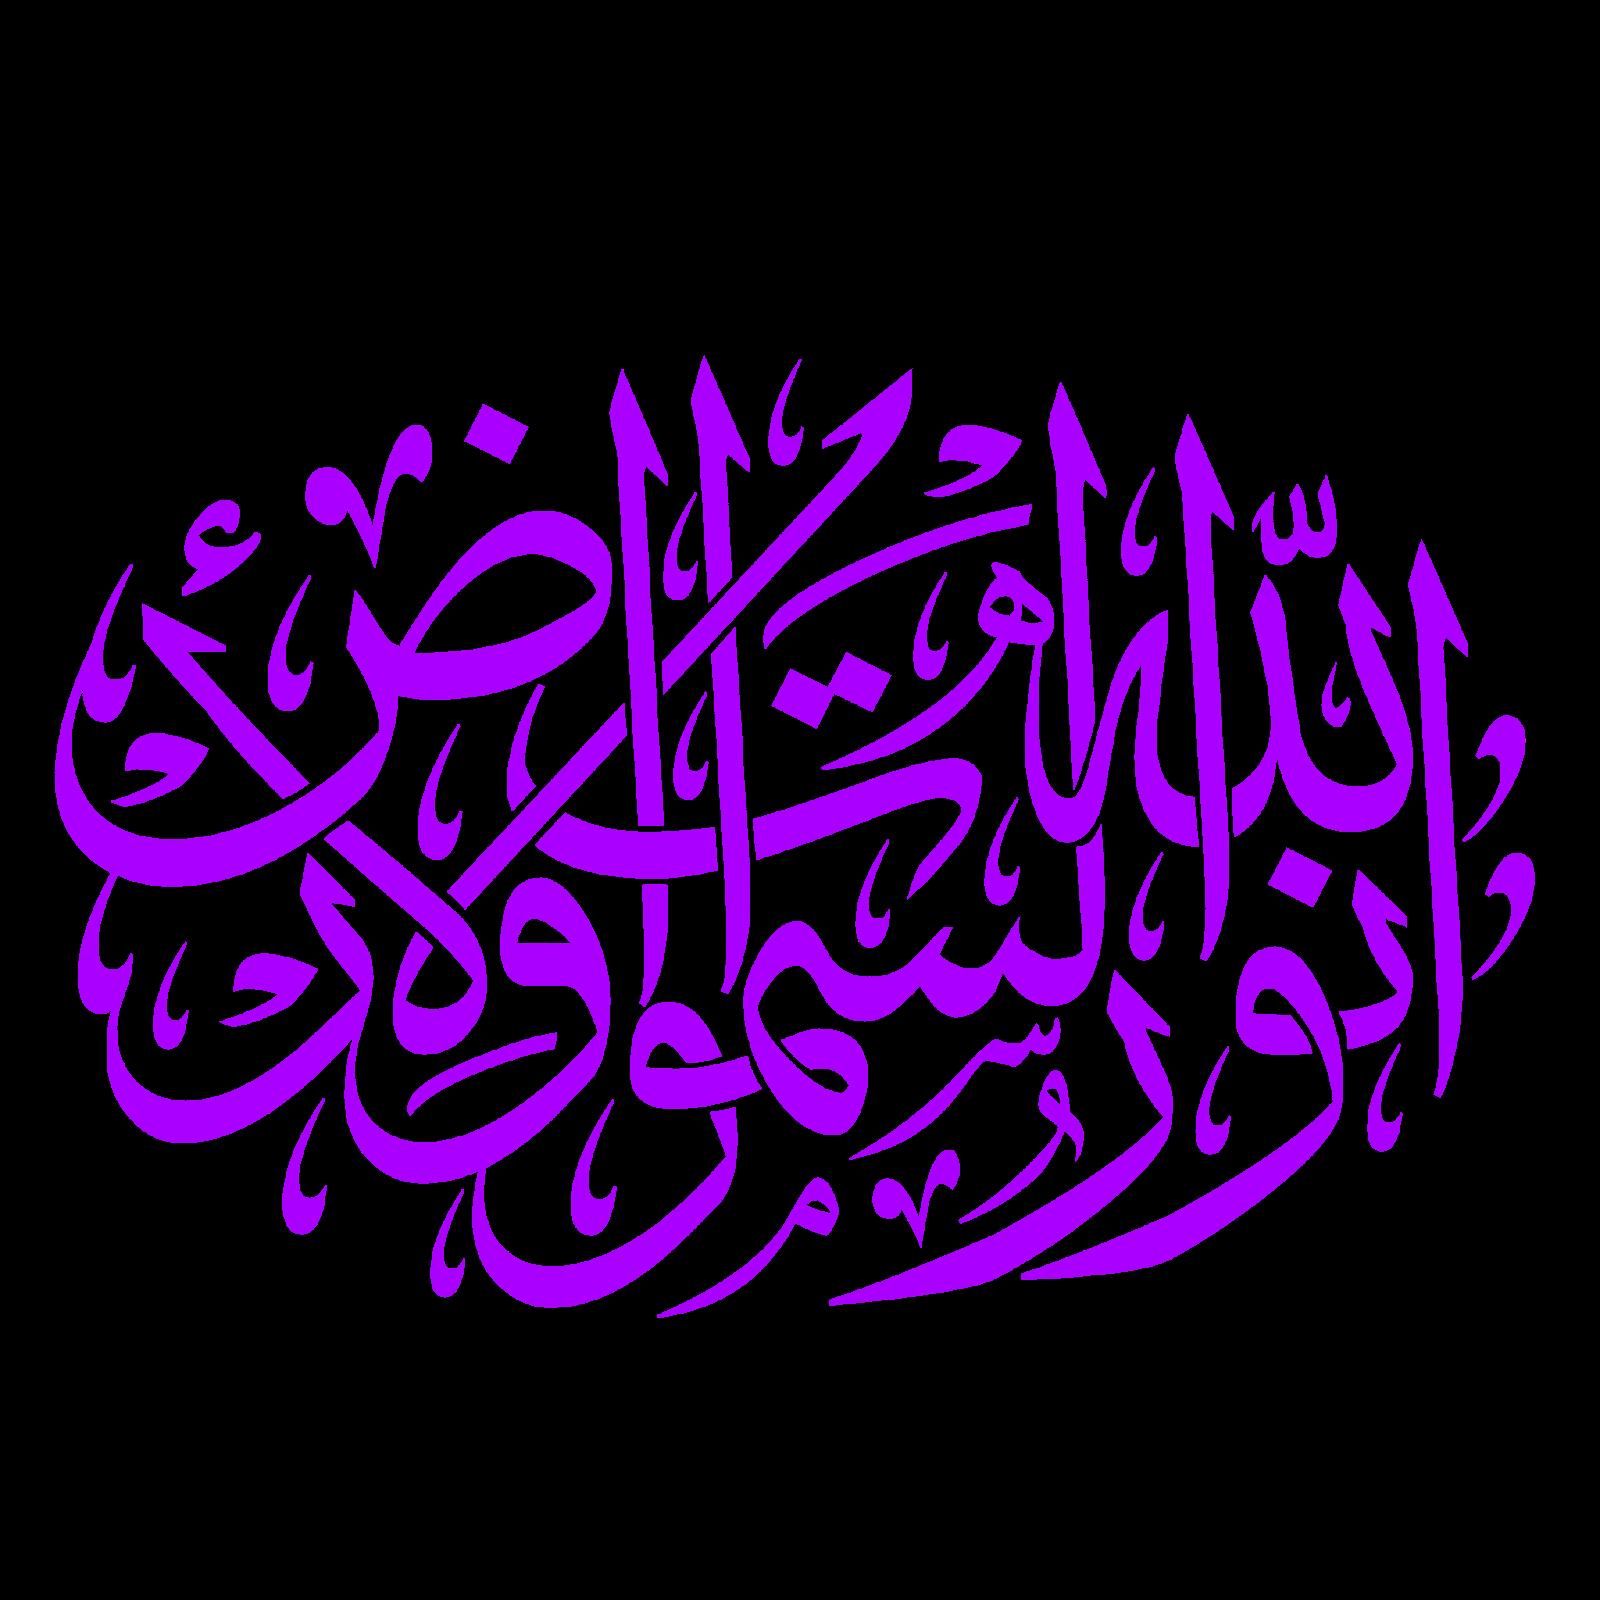 صورة عبارات اسلاميه , اجمل كلمات اسلامية معبرة 2019